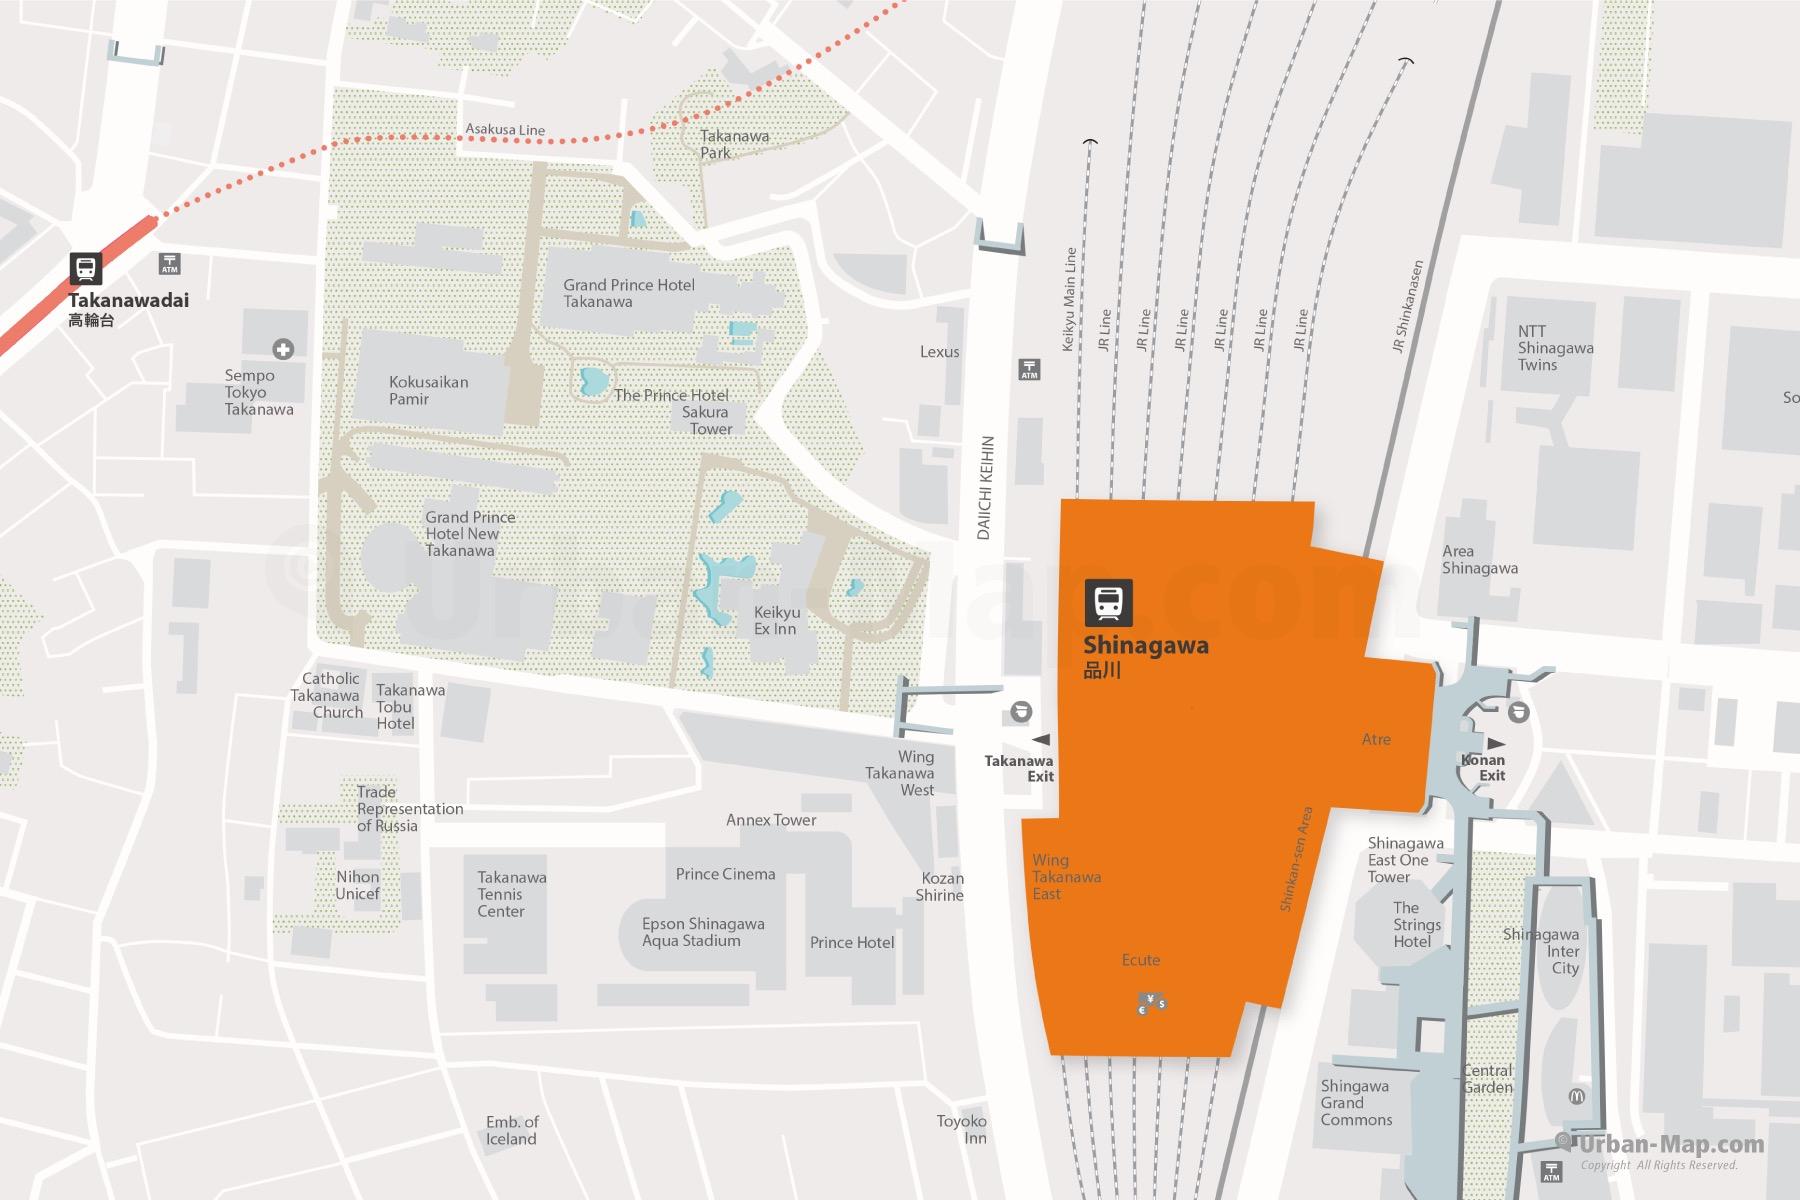 City Map of Tokyo Shinagawa JR Station and Metro